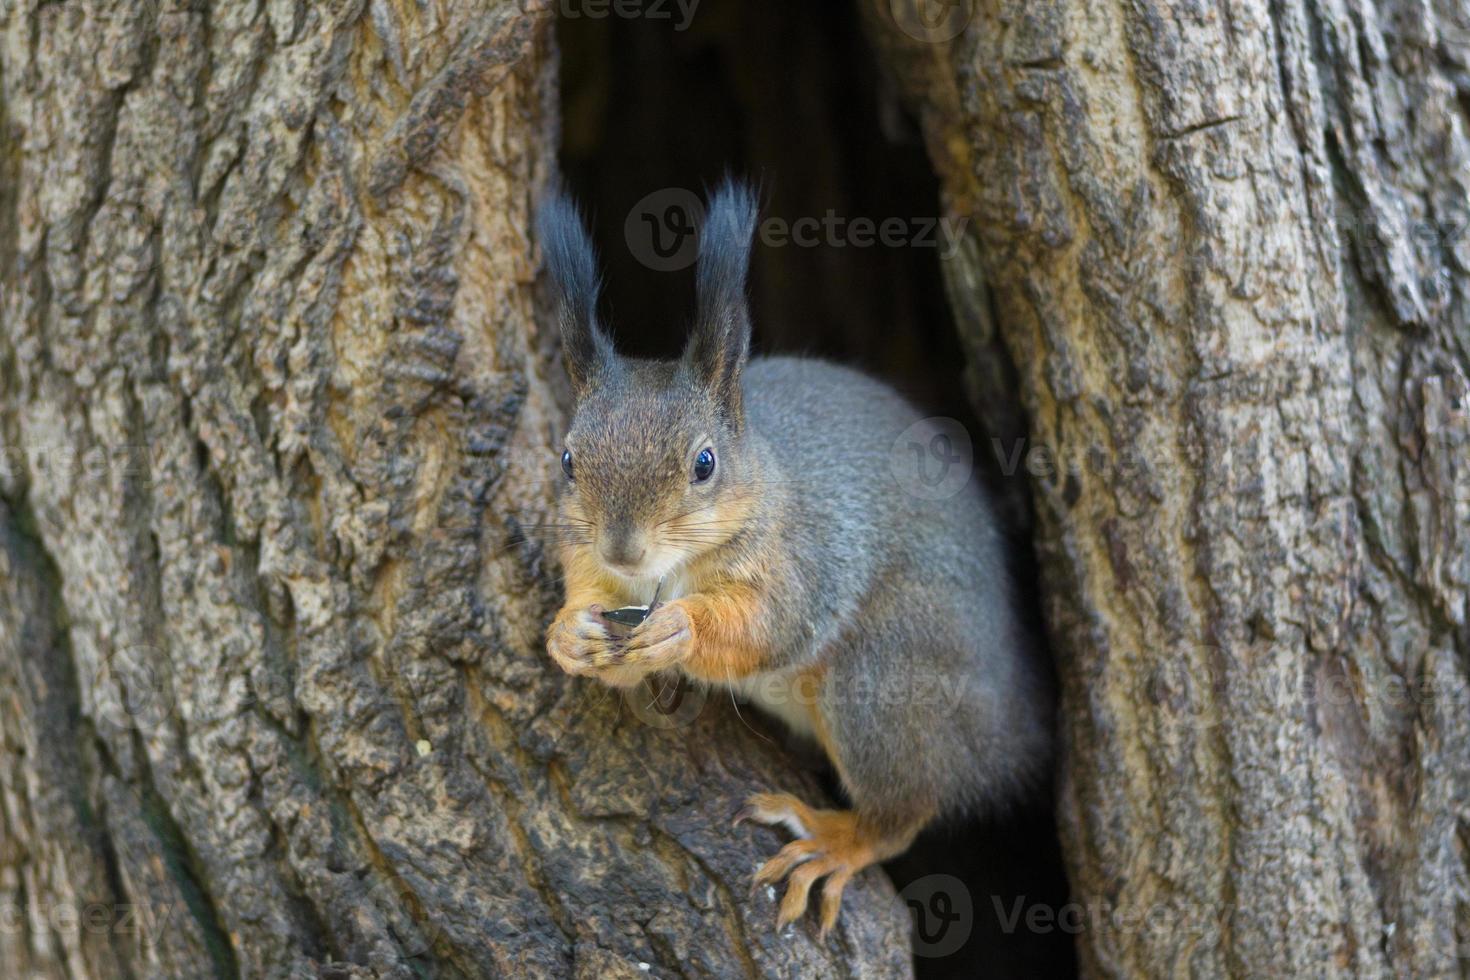 lo scoiattolo si trova in una cavità foto